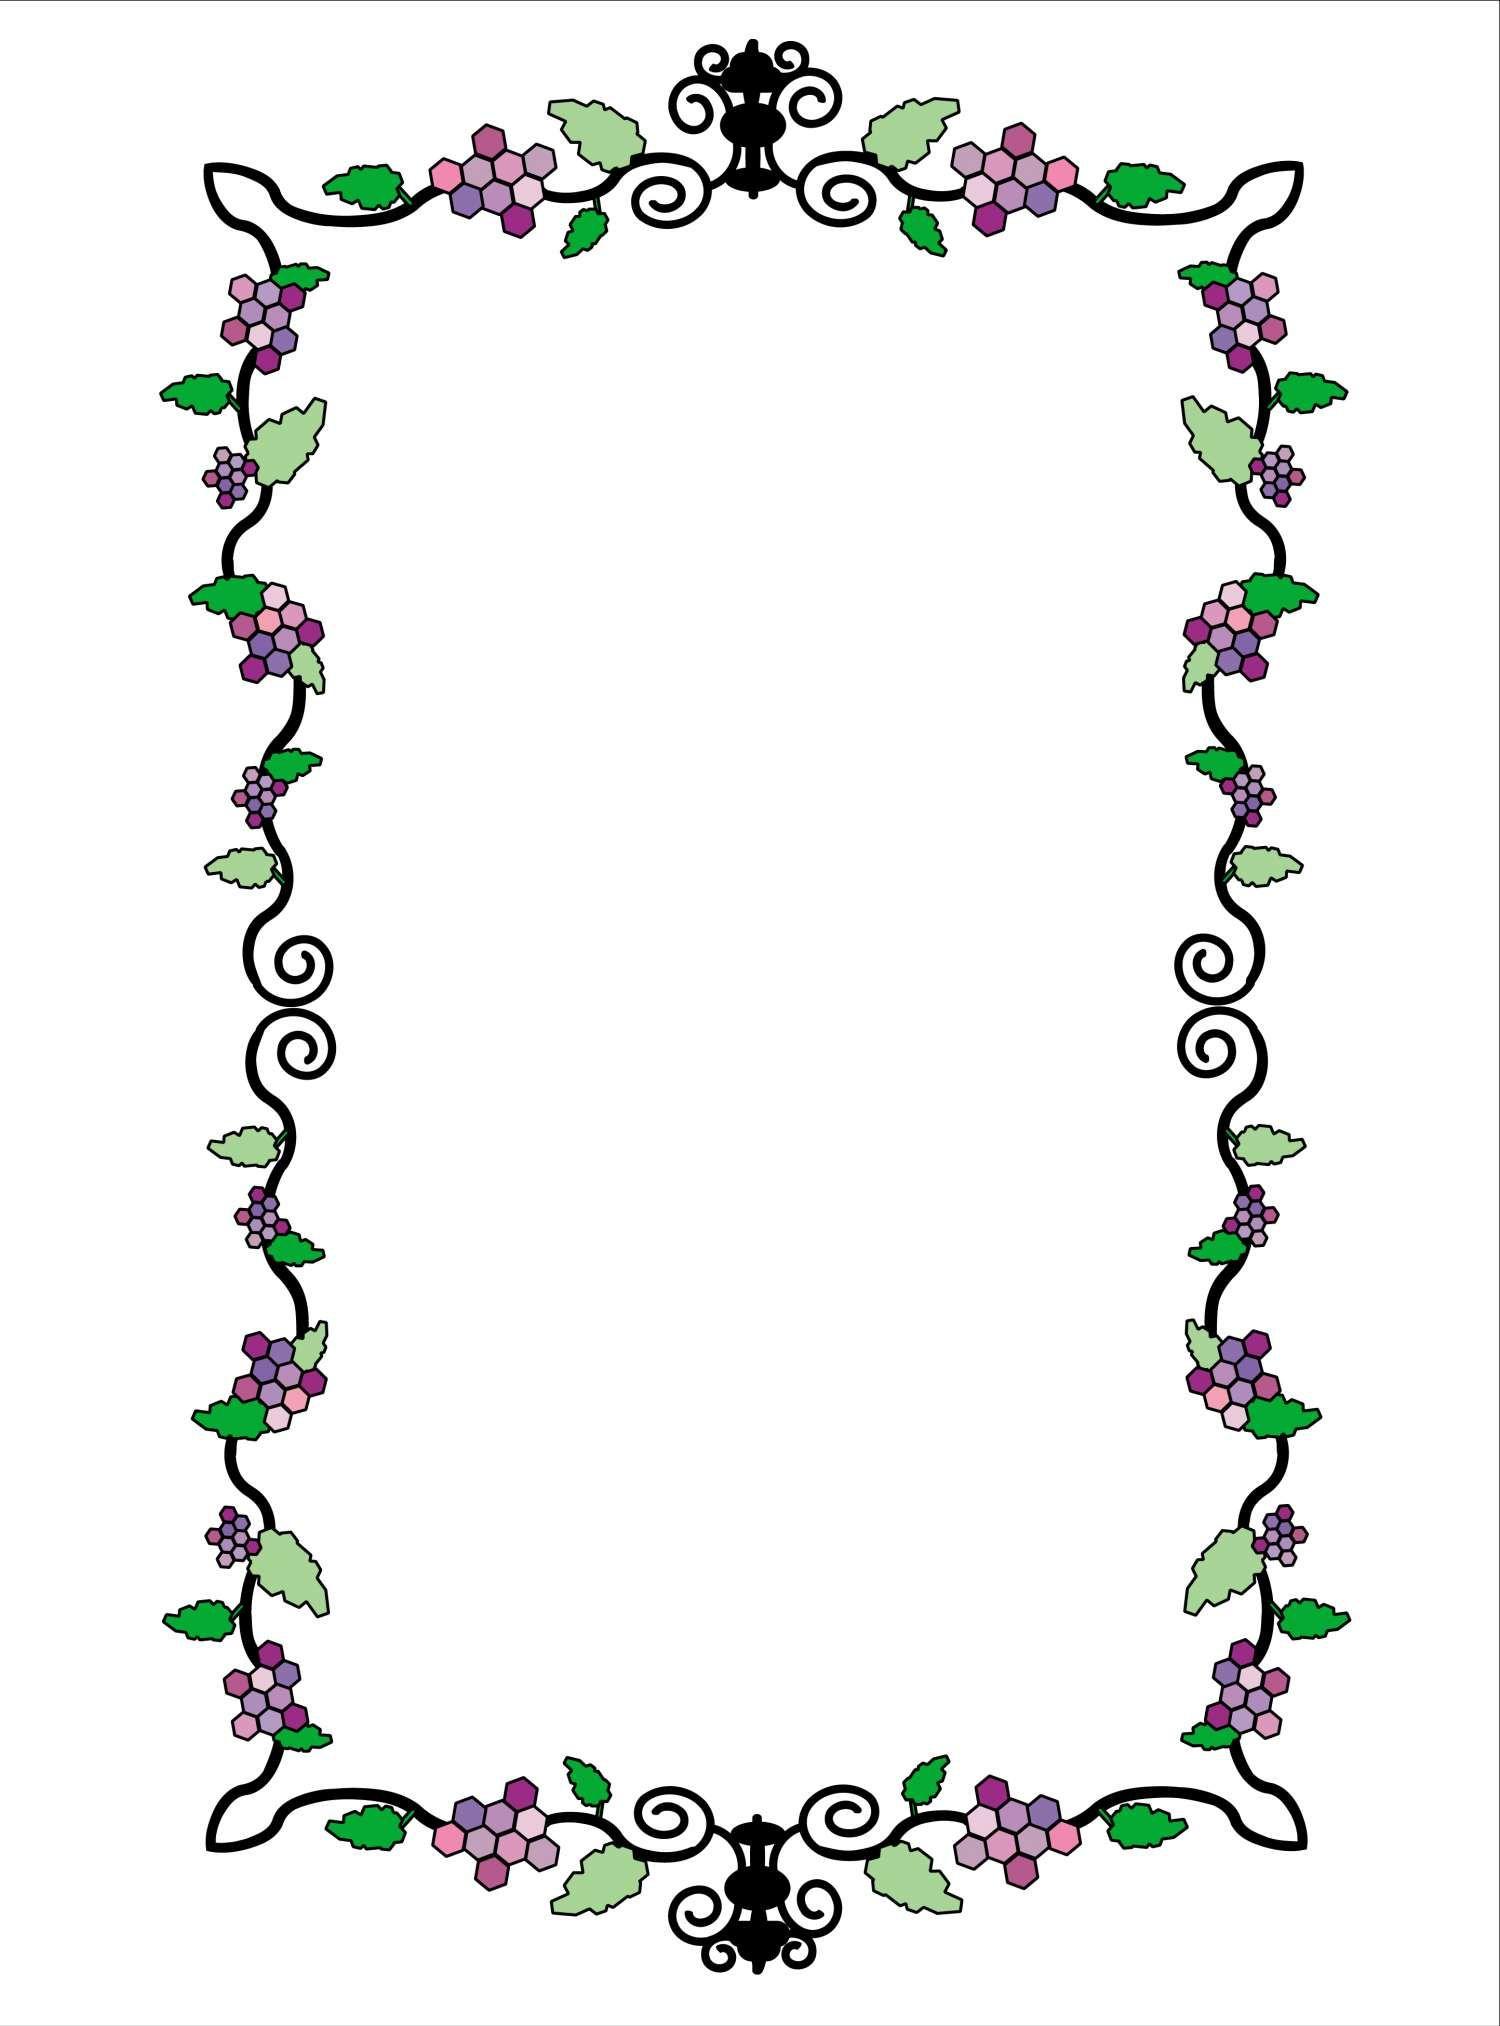 Pin von I T auf Borders/Frames - Flowers | Pinterest